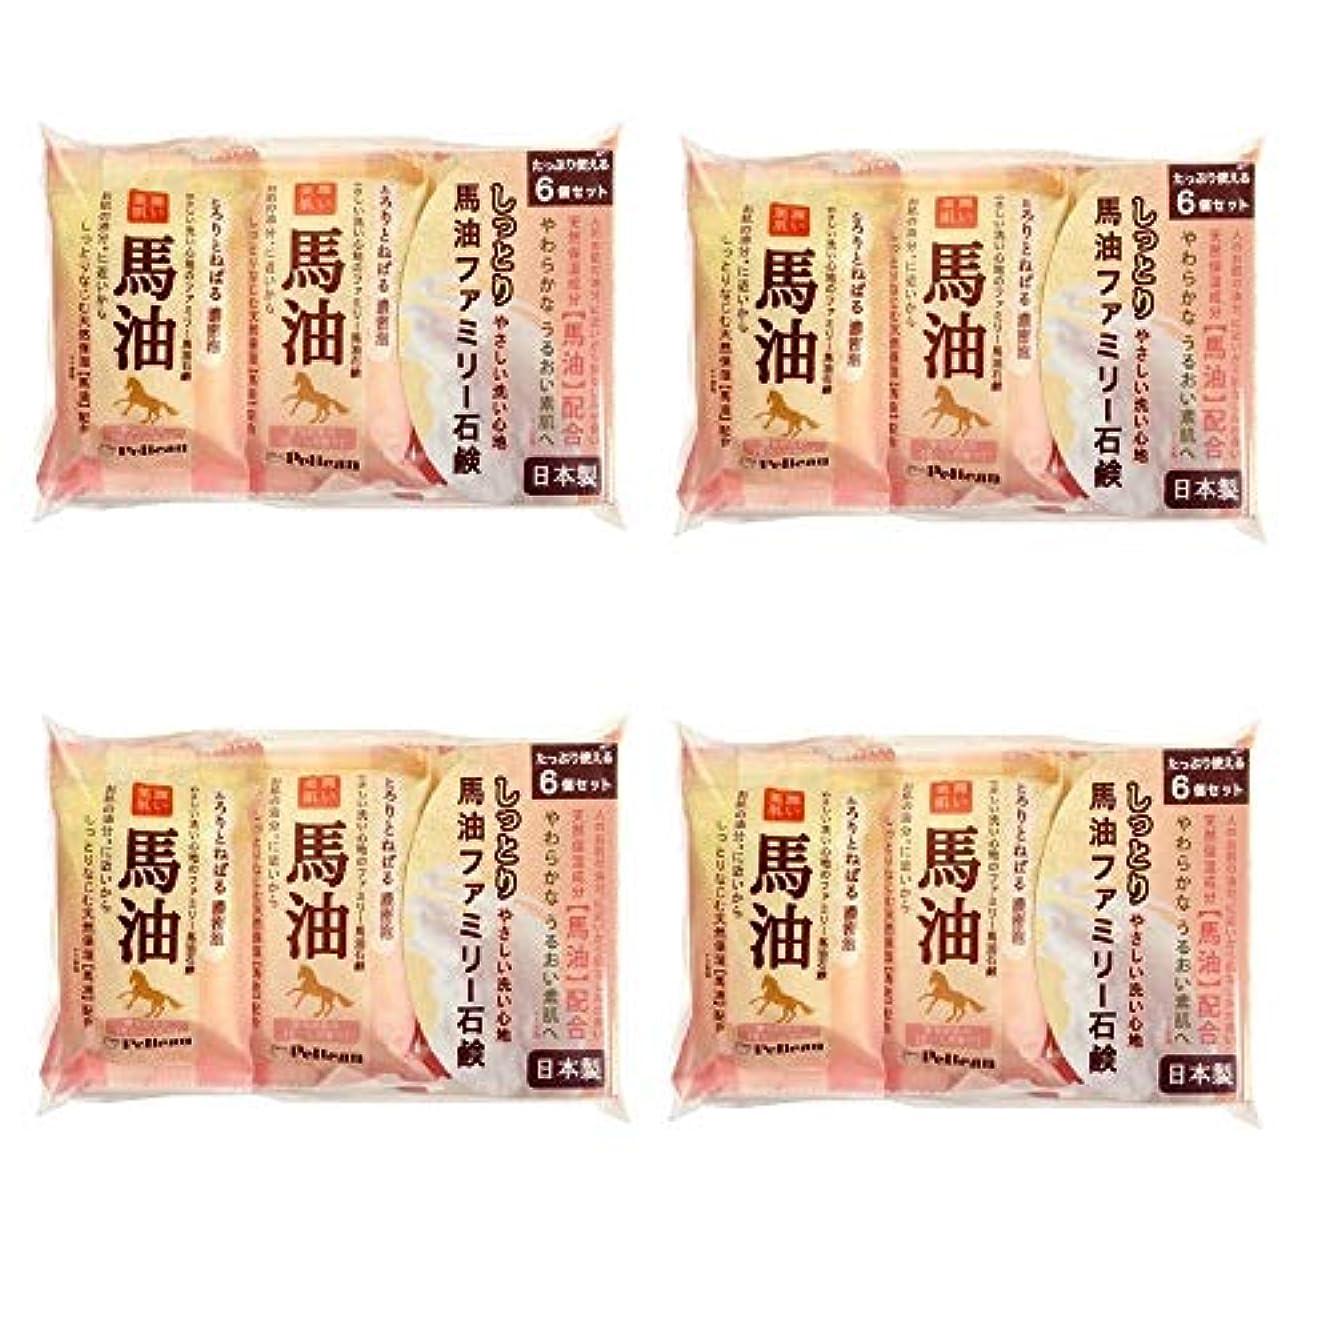 理由教育者福祉【まとめ買い】ペリカン石鹸 ファミリー馬油石けん 80g×6個【×4個】